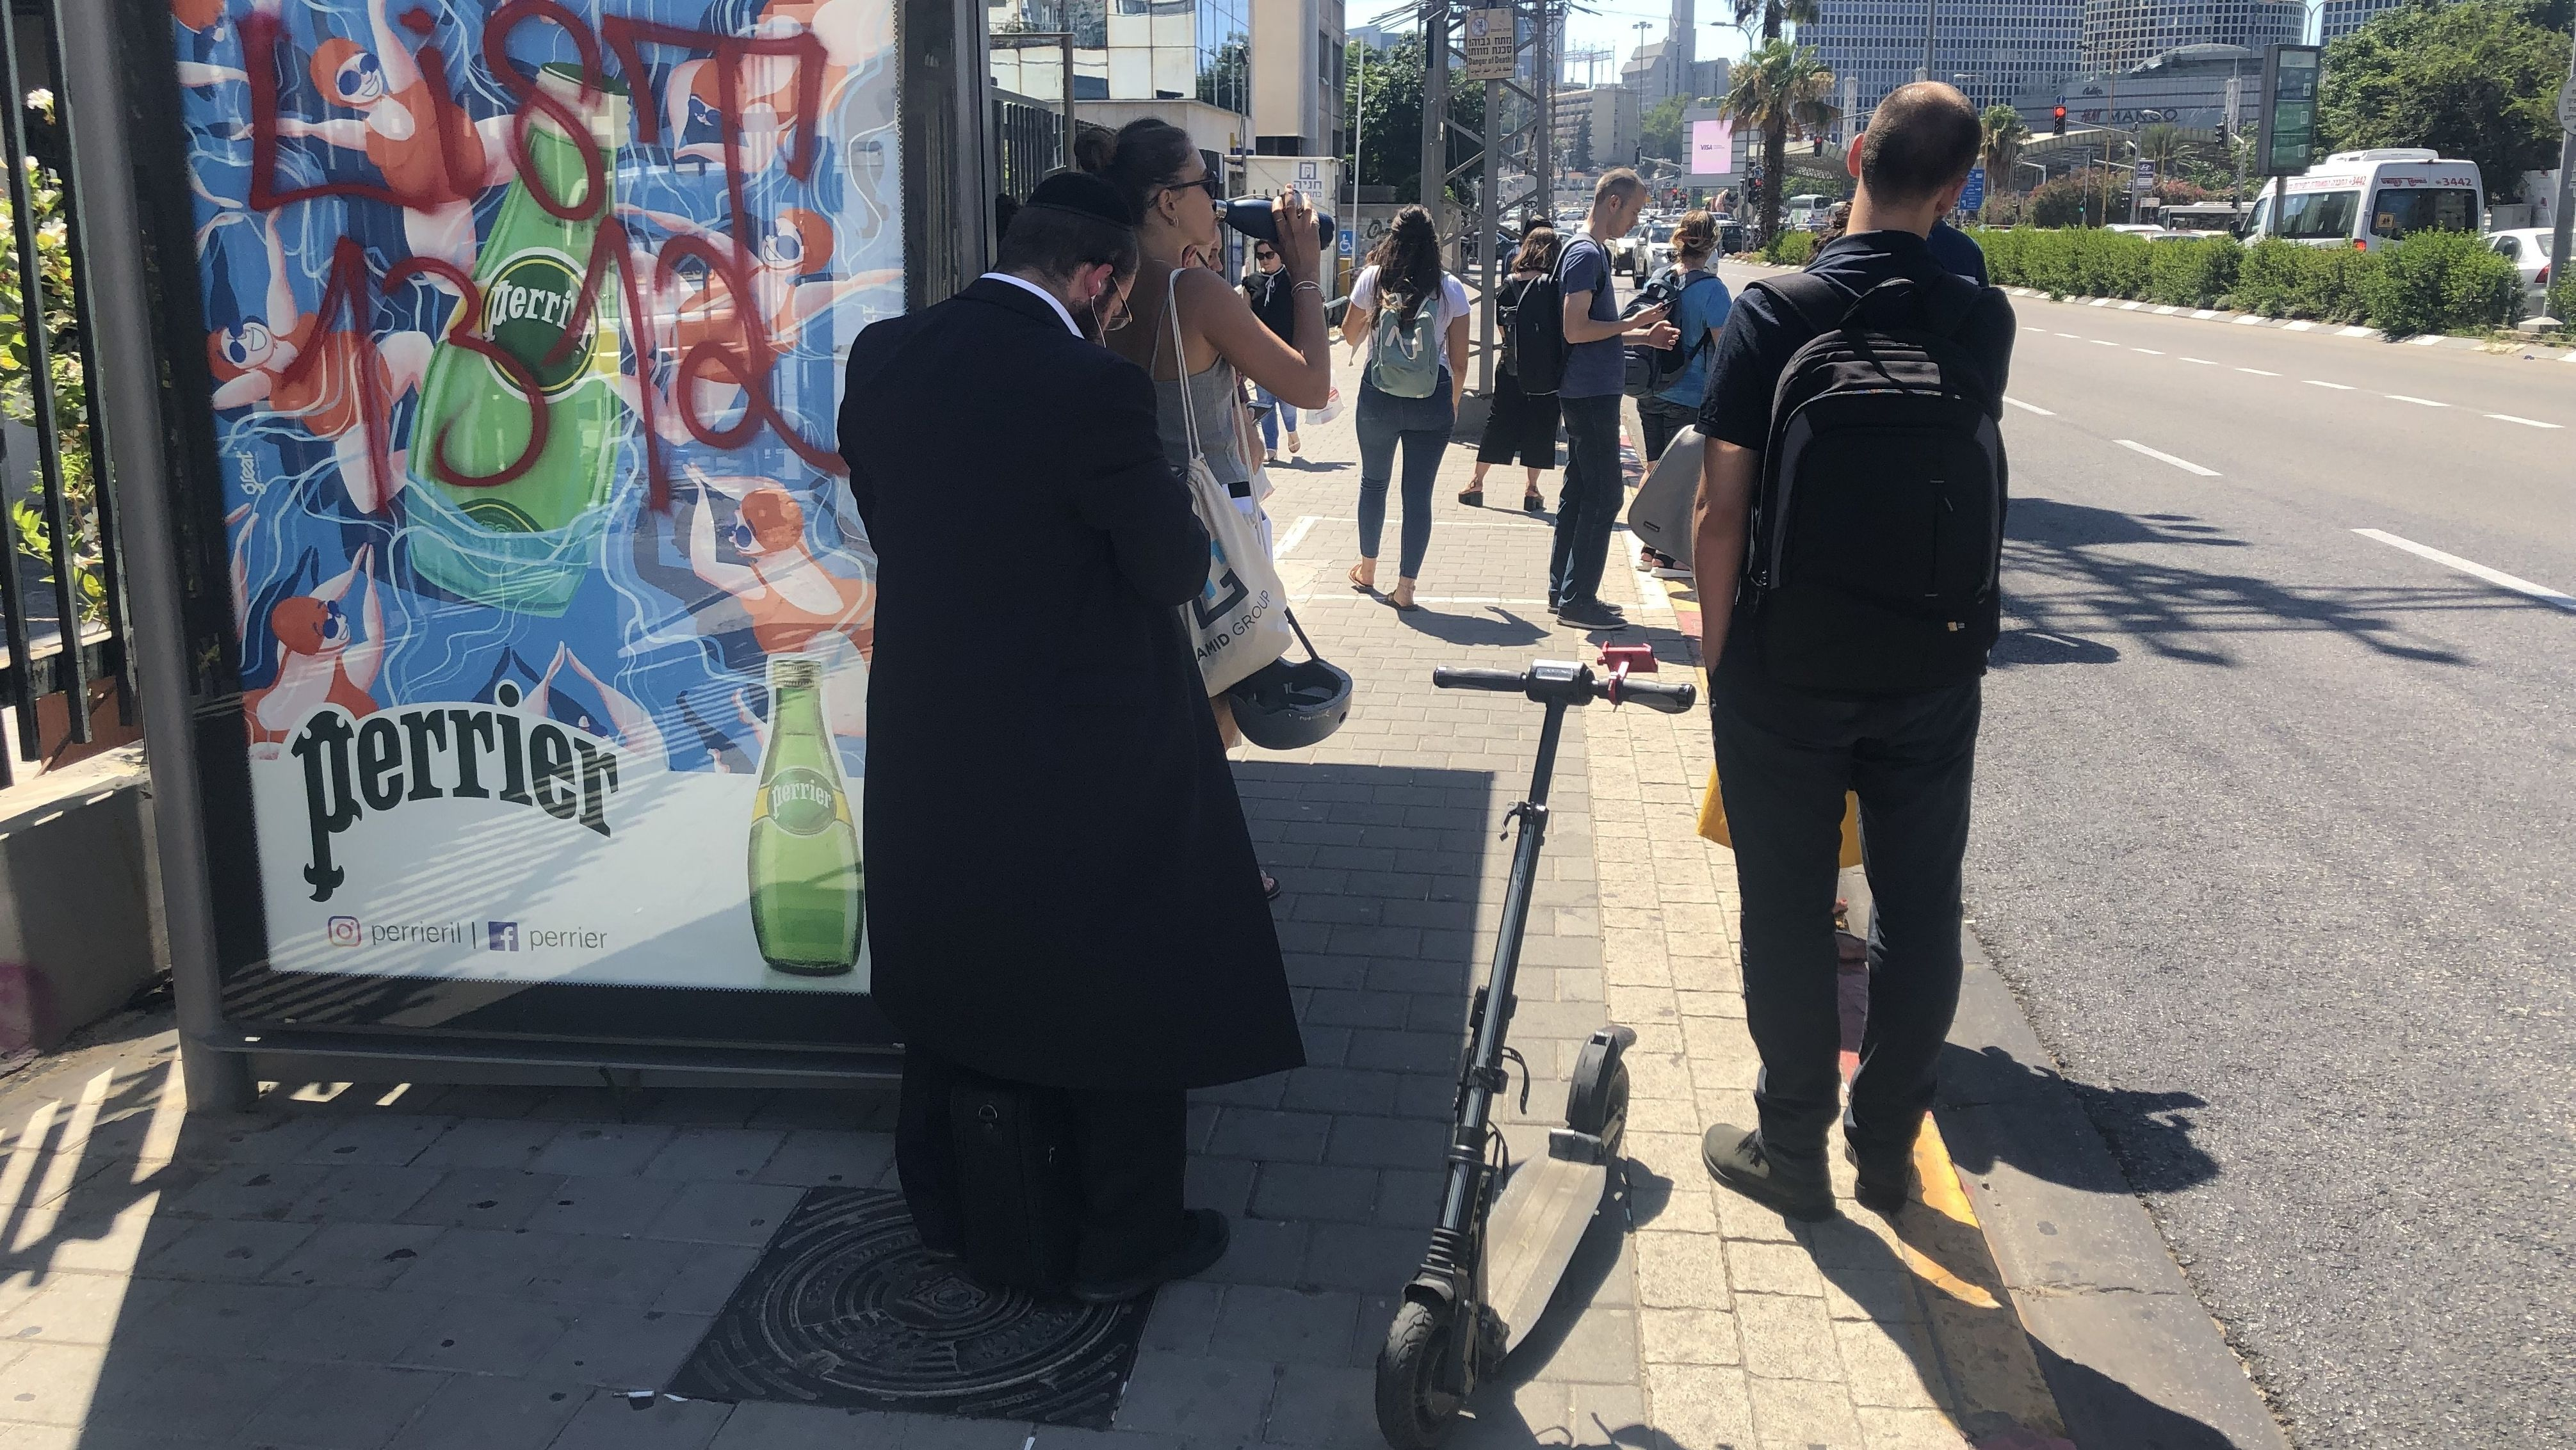 In Zukunft will die Stadt das Parken der E-Scooter regulieren und eigene Stellflächen markieren.